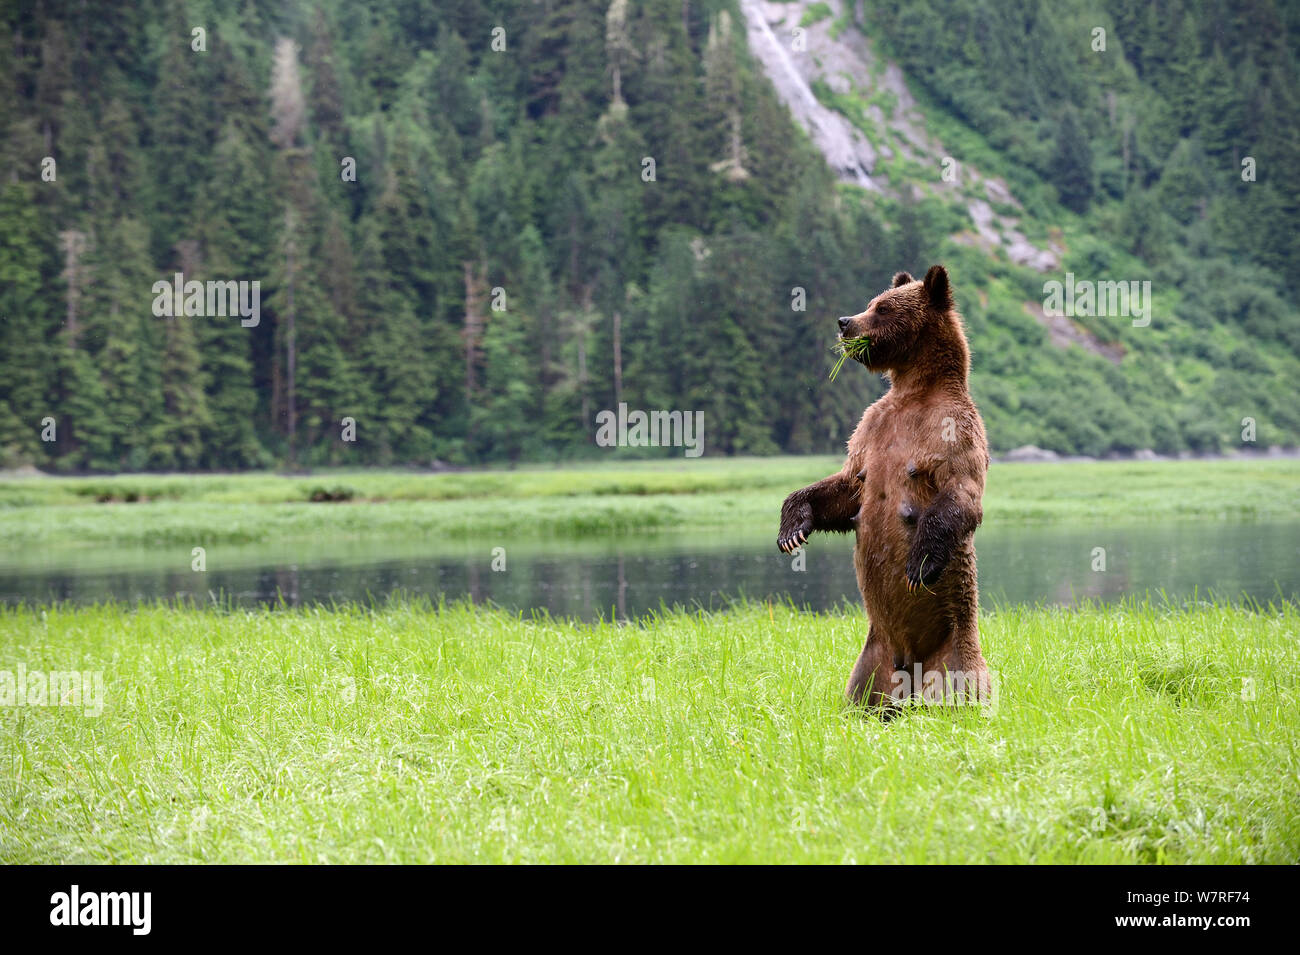 Weibliche Grizzlybär (Ursus arctos Horribilis) stehend in und um das Suchen, während der Fütterung auf Segge, Das Khutzeymateen Grizzly Bär Heiligtum, British Columbia, Kanada, Juni. Stockfoto